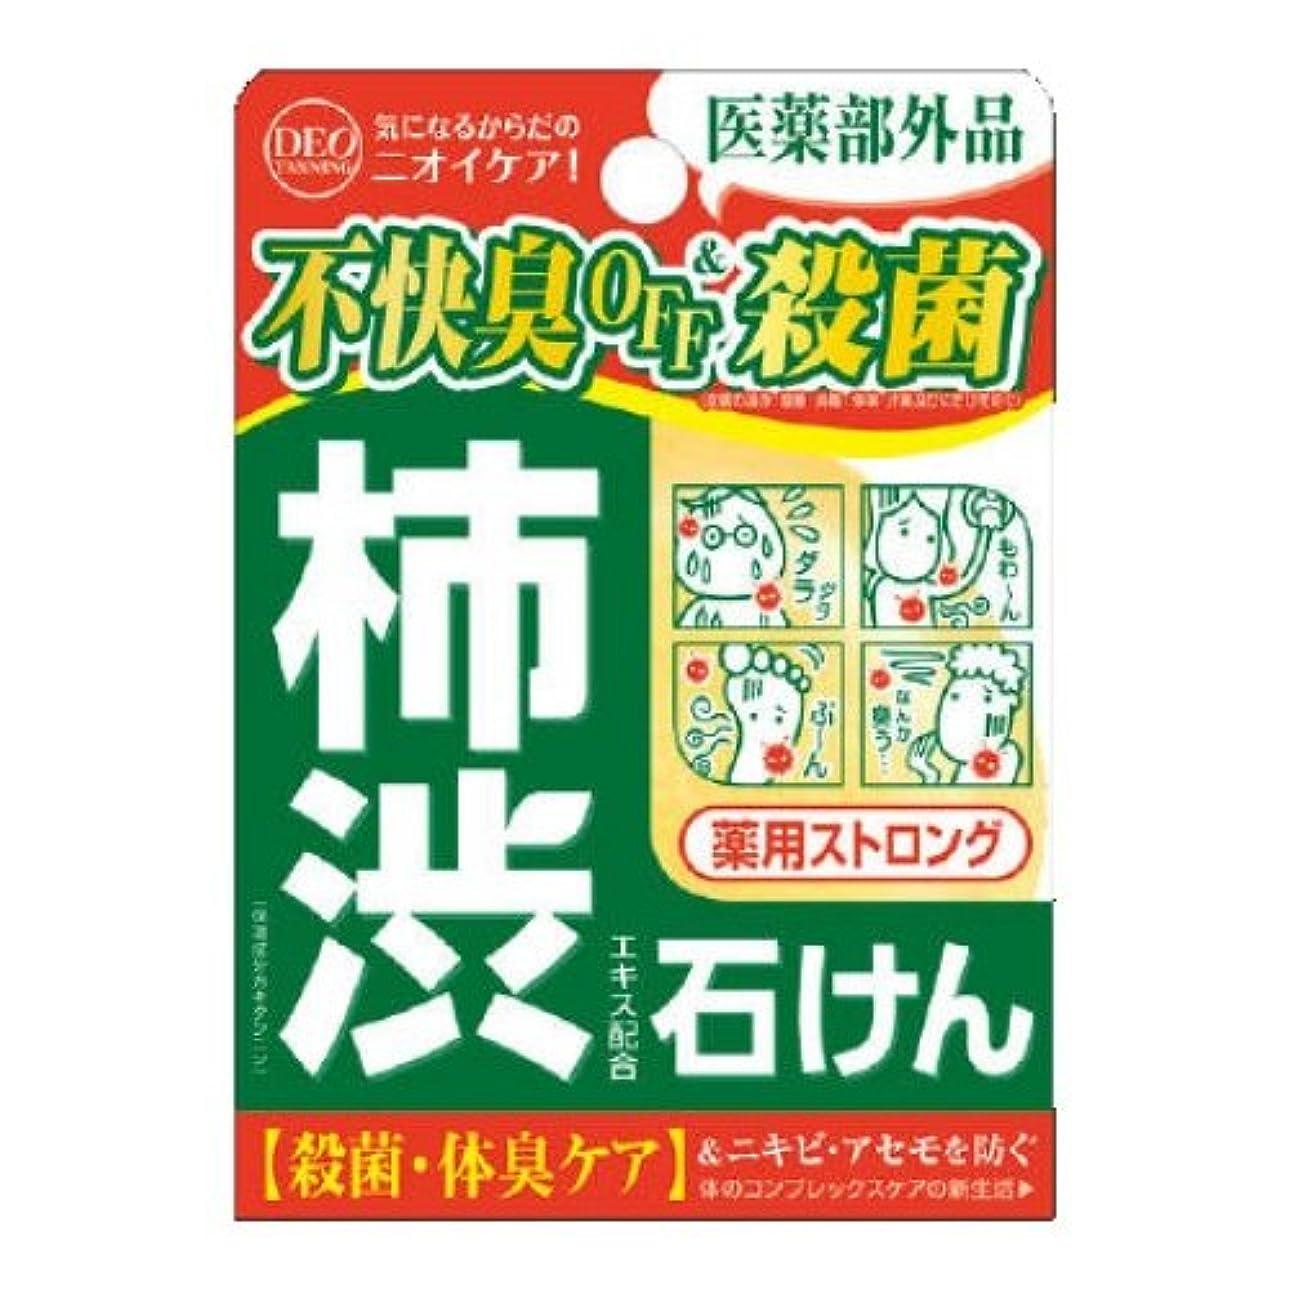 禁止ファイアルガイドデオタンニング 薬用ストロング ソープ 100g (医薬部外品)